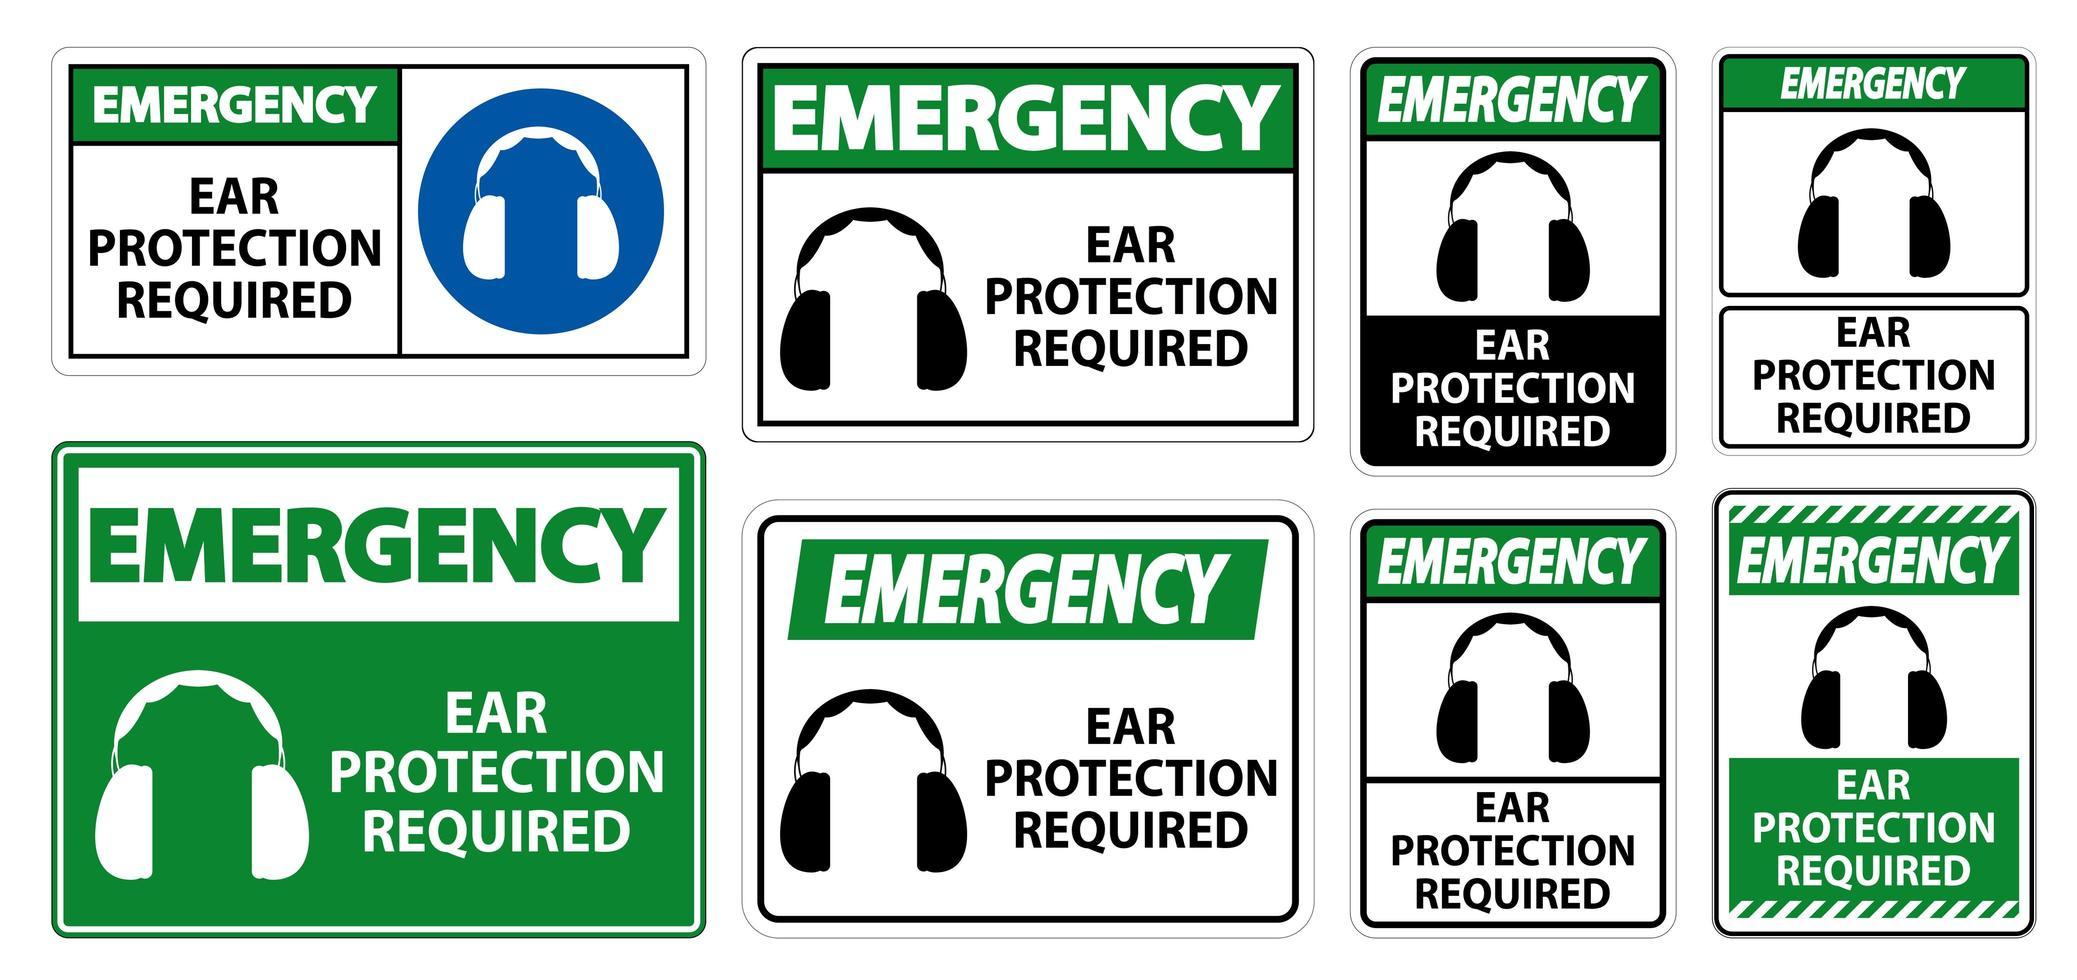 protezione per le orecchie di emergenza richiesto segno simbolo vettore